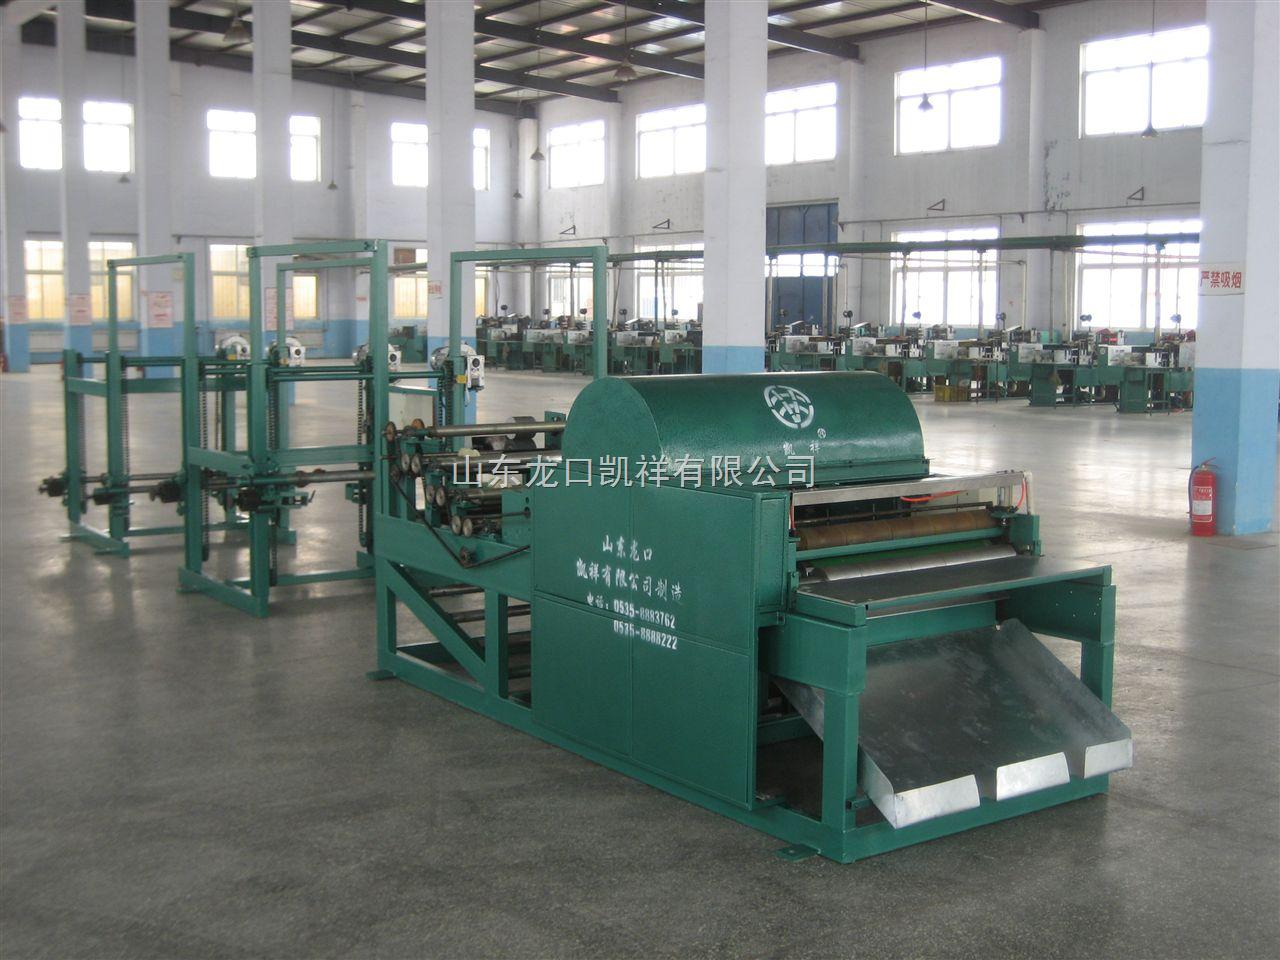 全自动香蕉套袋机,生产香蕉套袋加工设备,香蕉套袋机生产厂家,广东香蕉袋机厂家